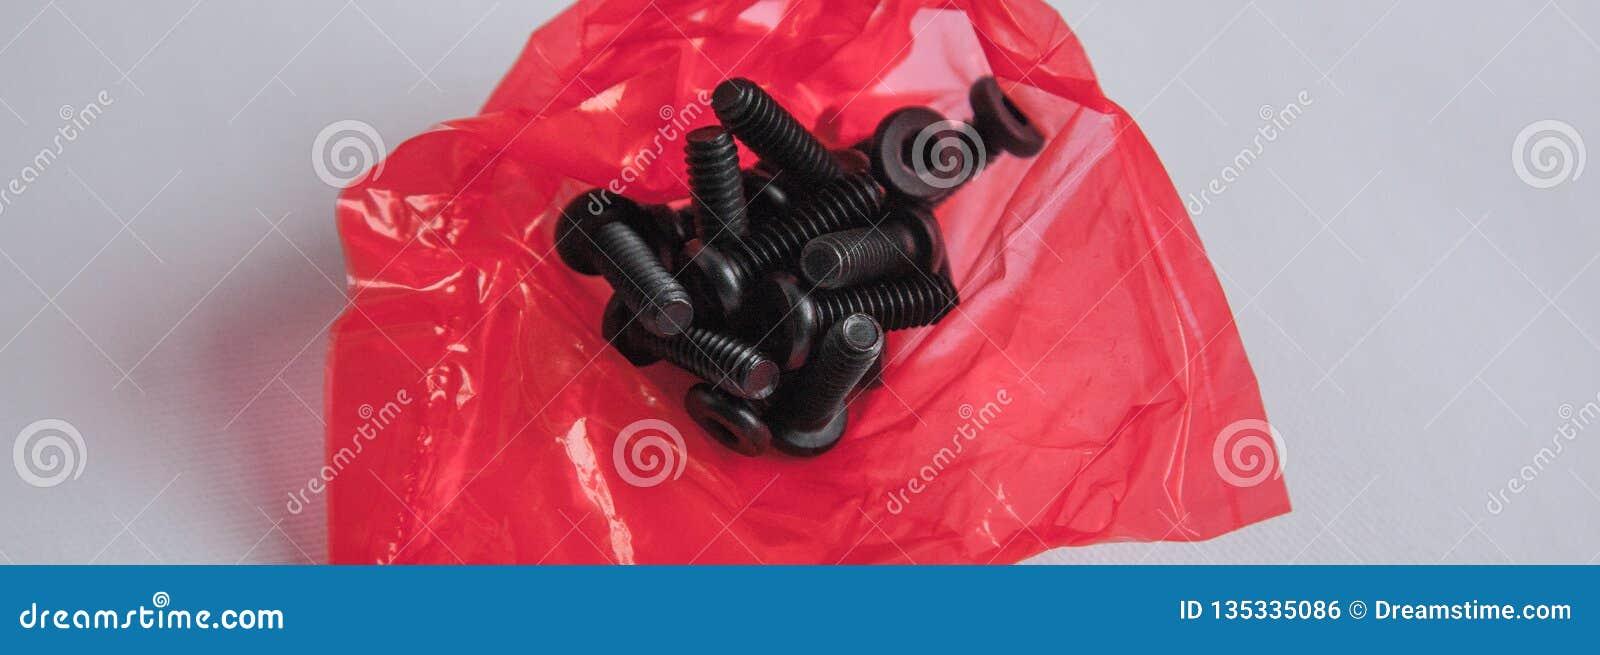 Le groupe de boulons dans le sachet en plastique rouge